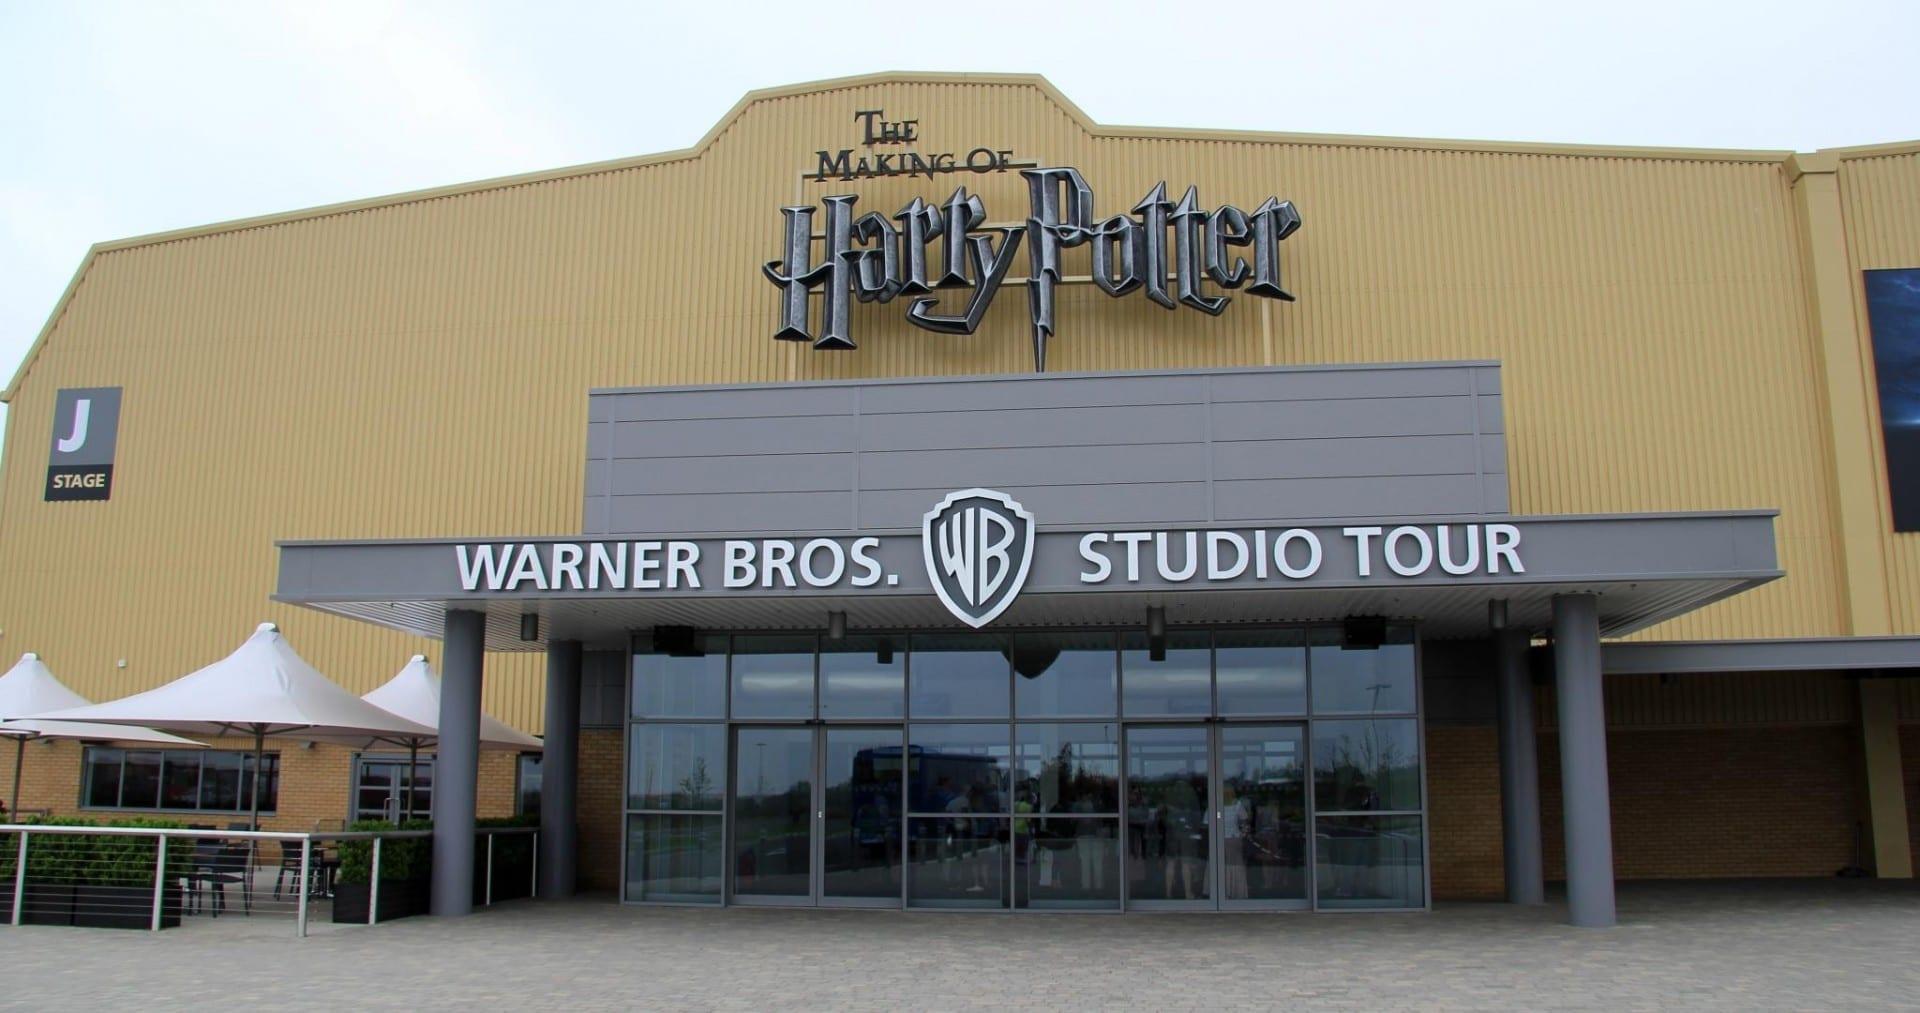 Tour de estudio de Warner Bros. Watford Reino Unido